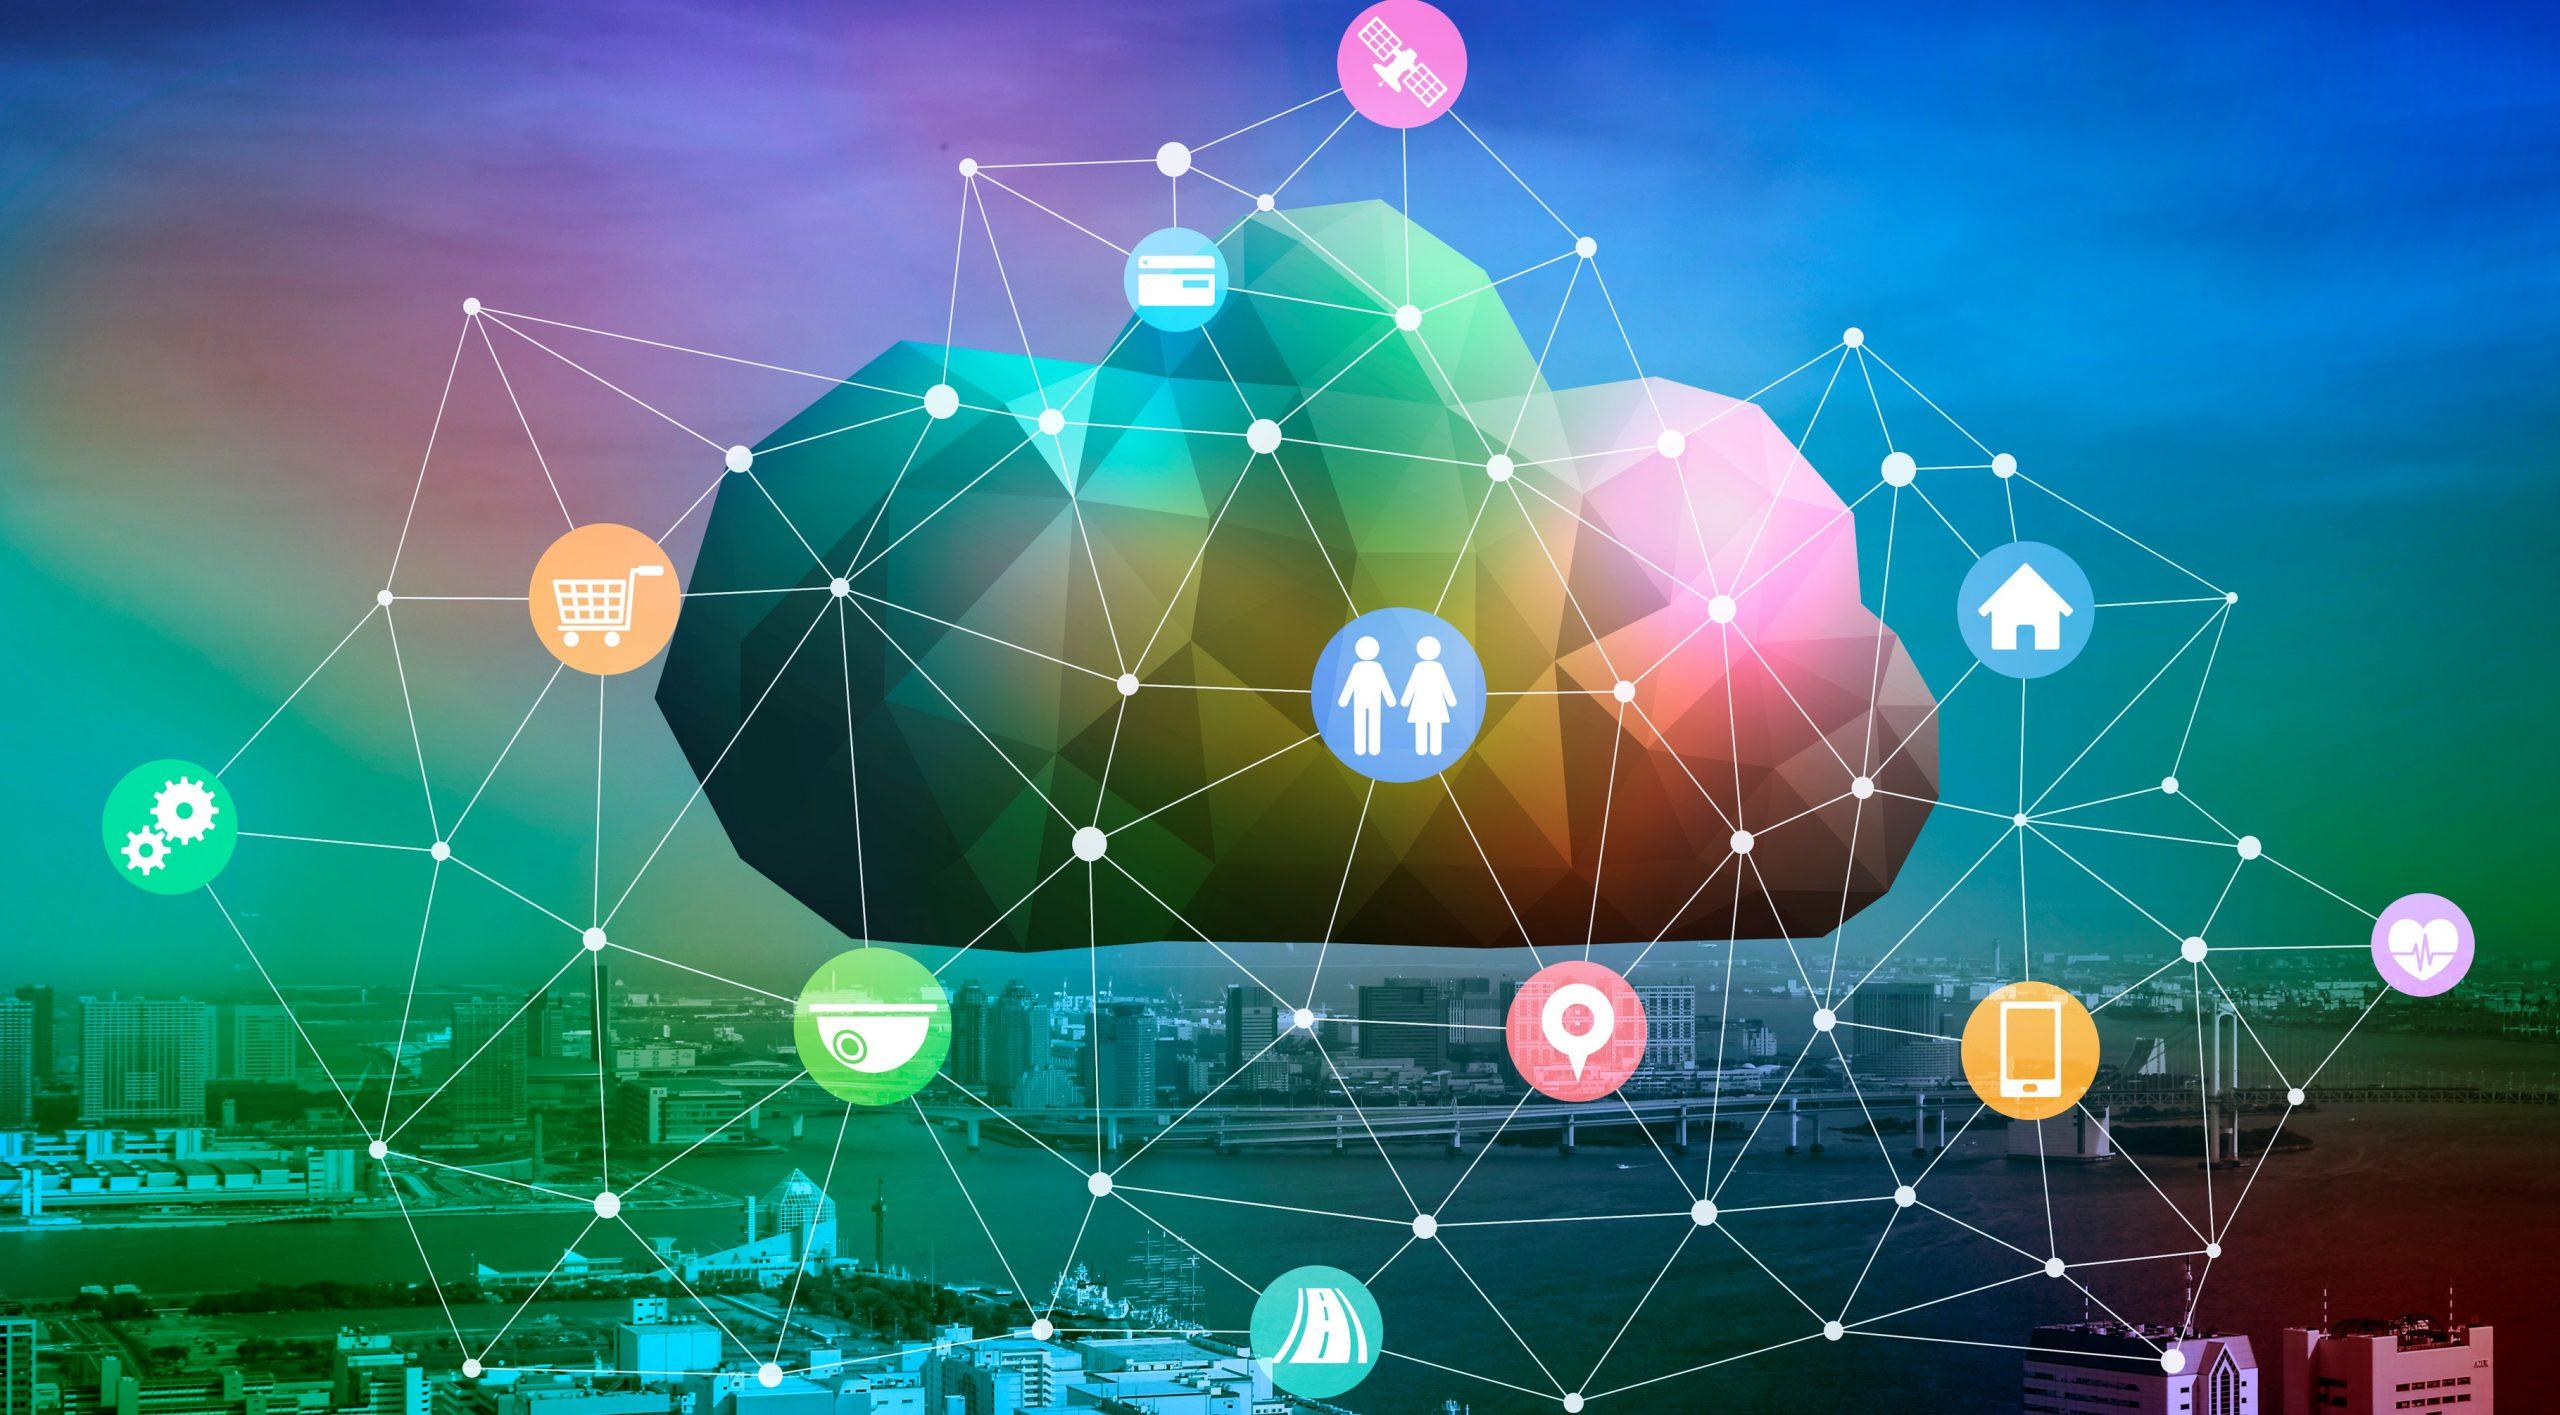 Solo la mitad de las empresas están utilizando todo el potencial de cloud